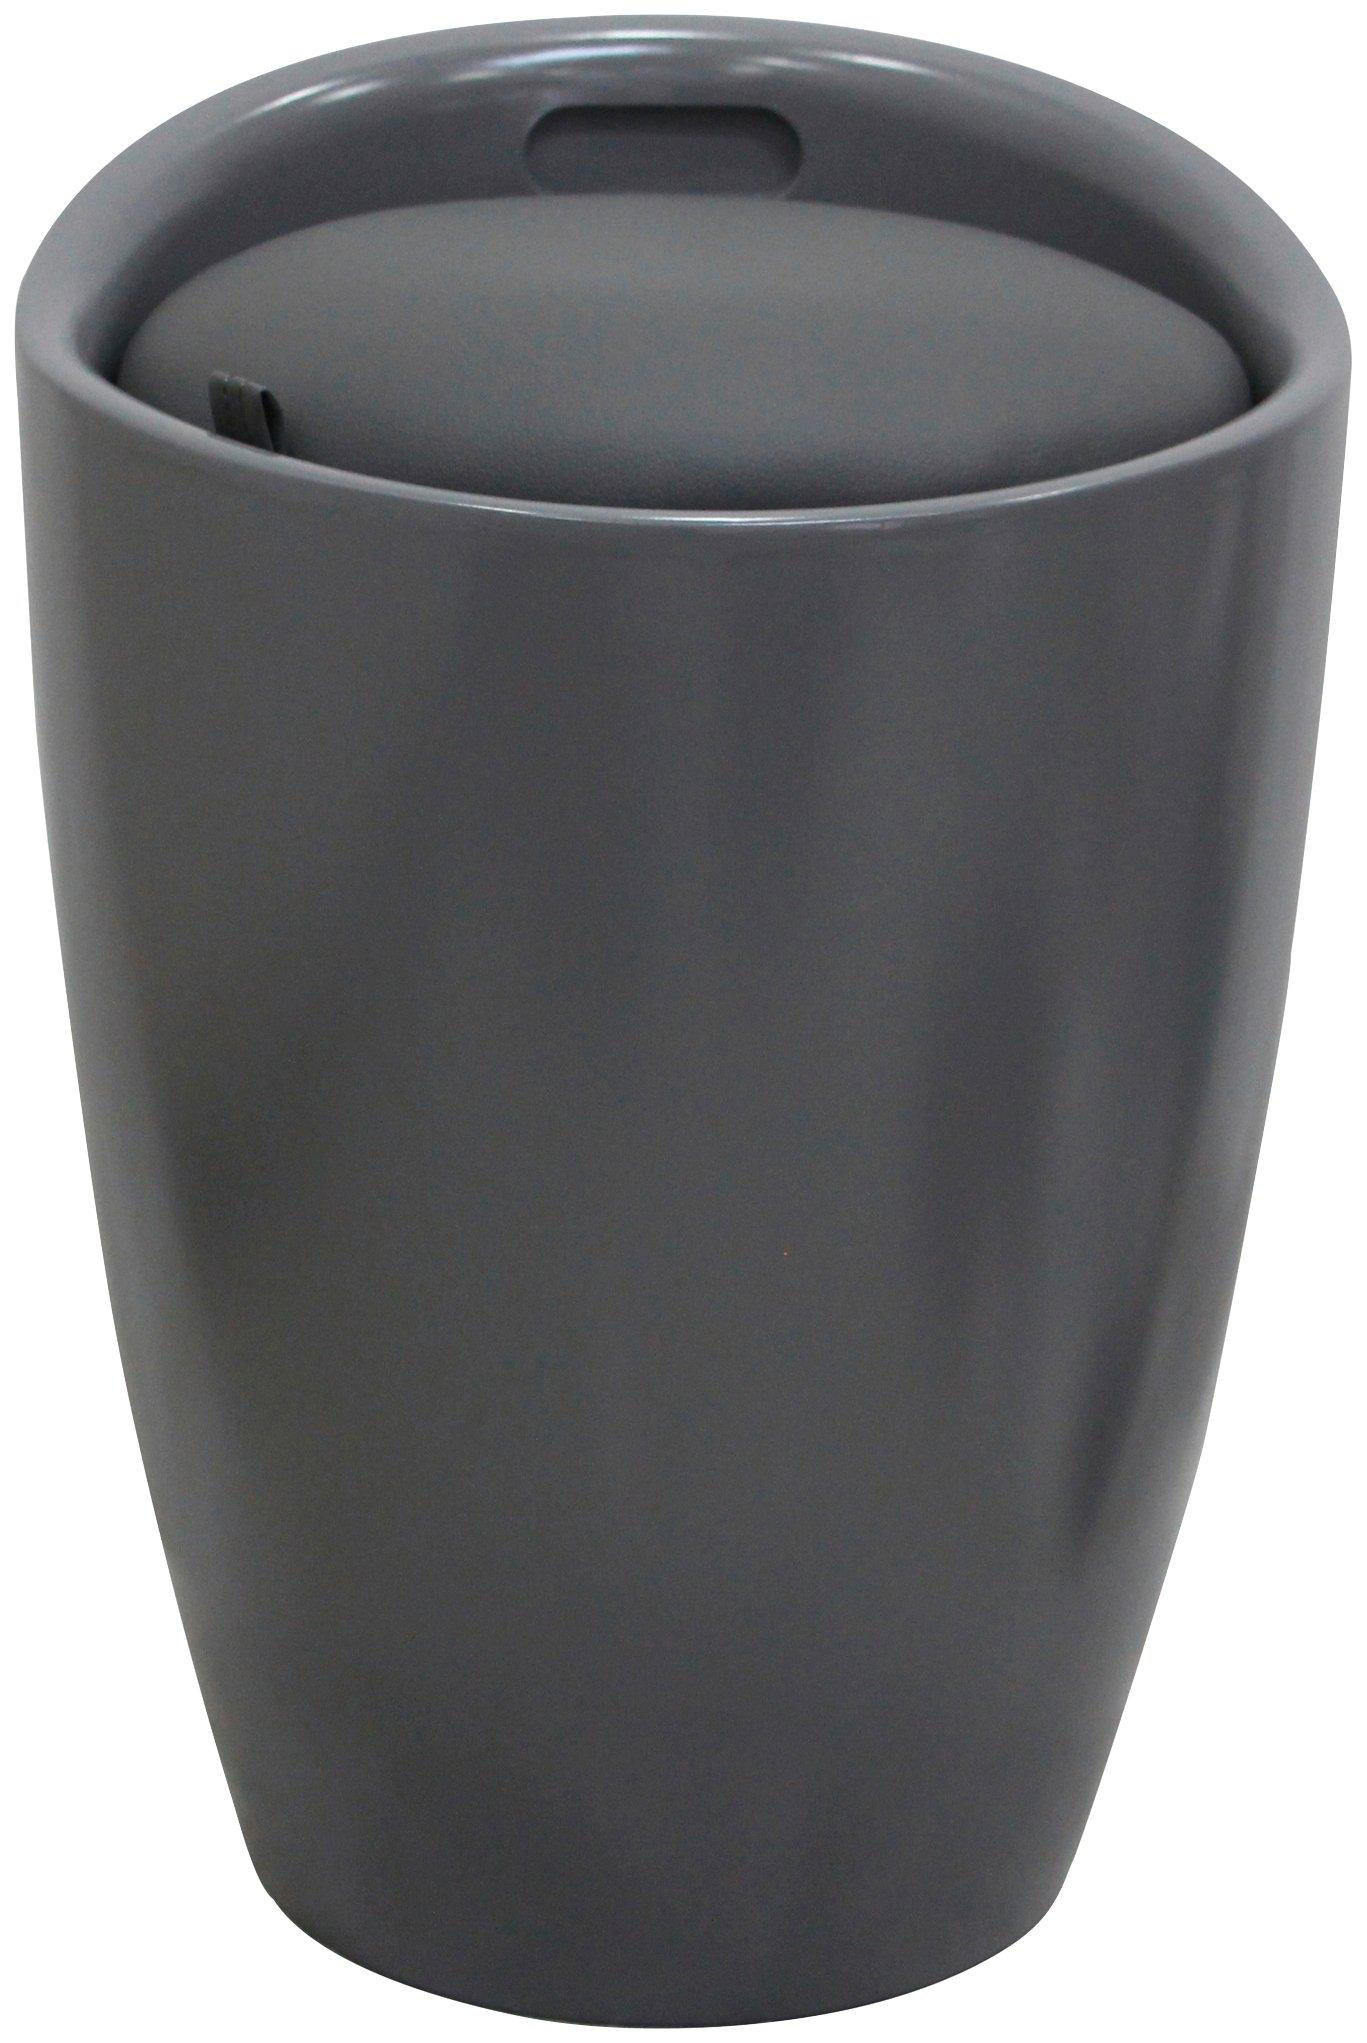 Eisl badkruk Design-wasmand en badkruk in een nu online kopen bij OTTO